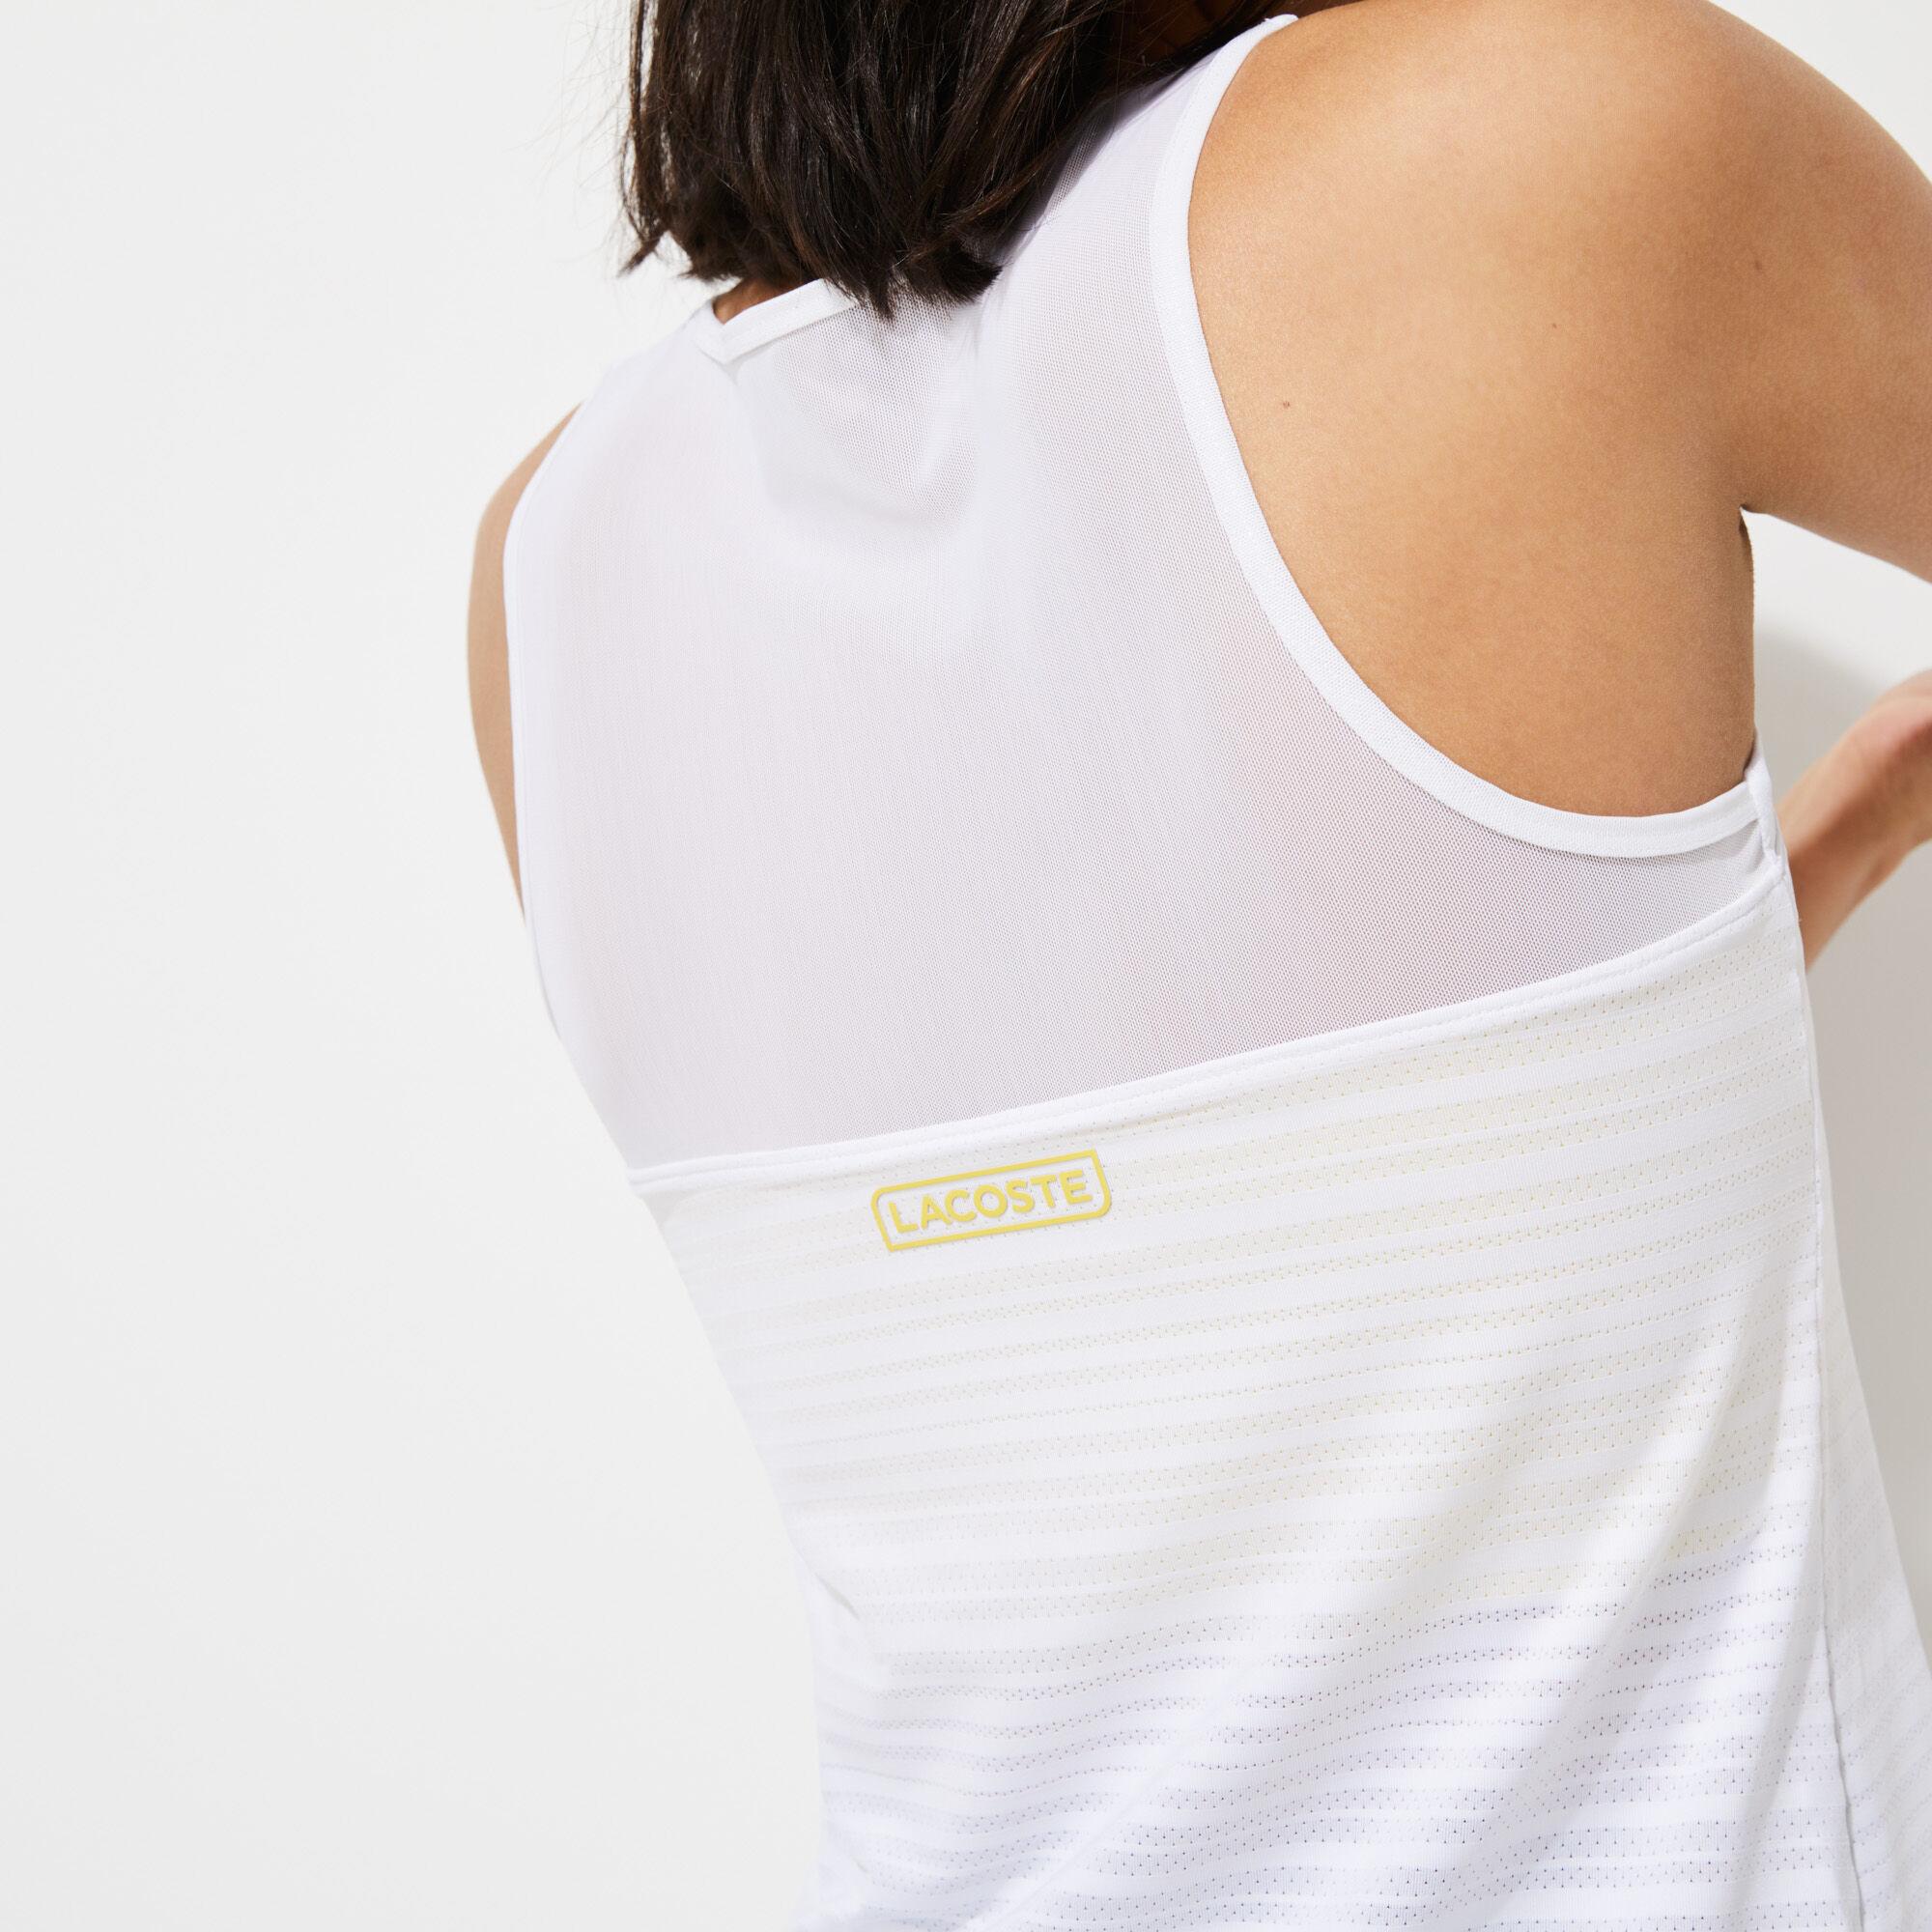 قميص حمالات للنساء مزدوج الخامة مجموعة Lacoste SPORT